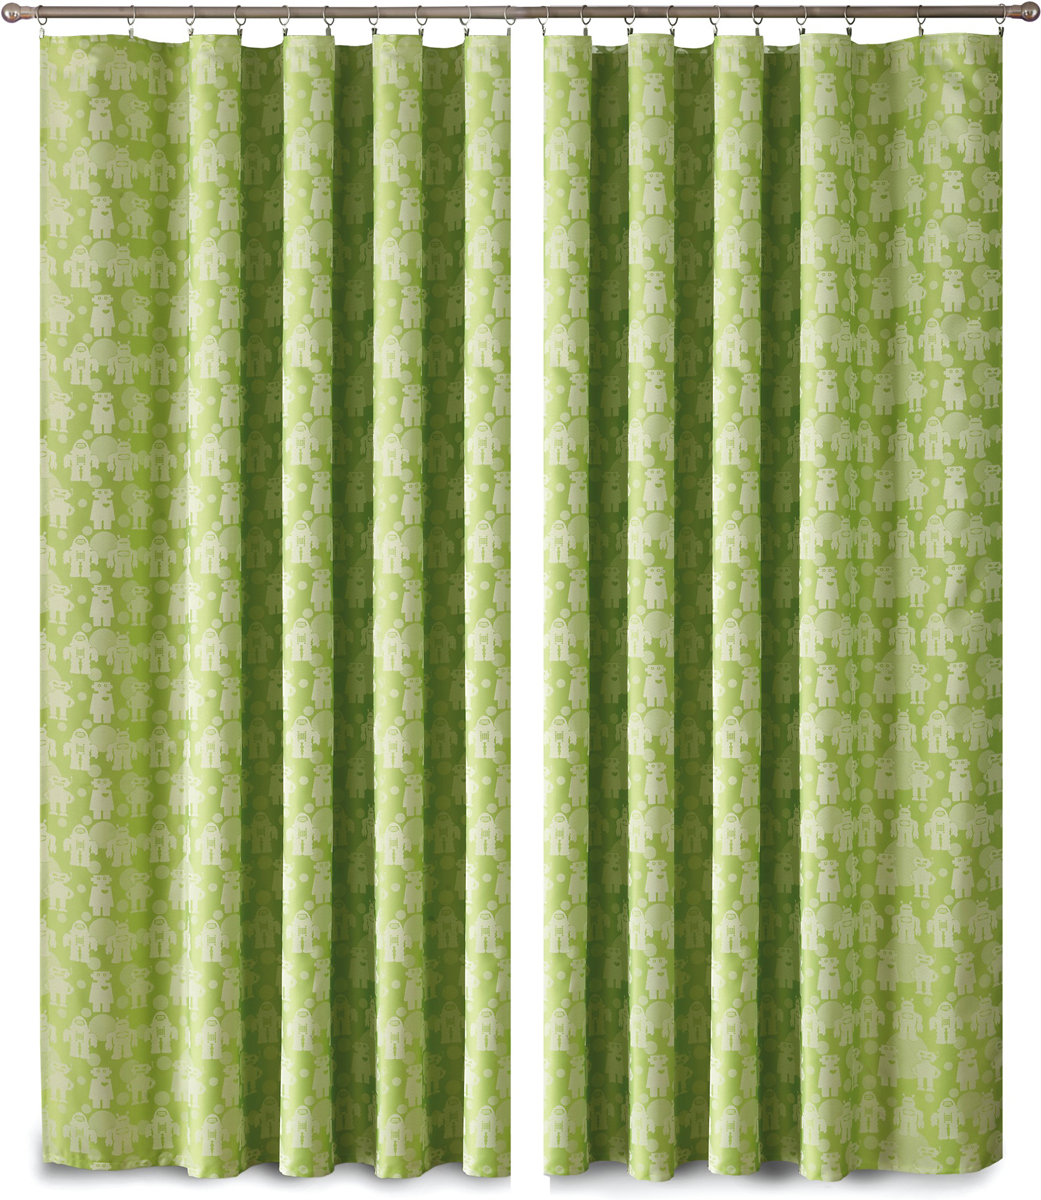 Комплект штор P Primavera Firany, на ленте, цвет: зеленый, высота 270 см, 2 шт. 11100731110073Комплект штор P Primavera Firany выполненный из полиэстровой жаккардовой ткани, великолепно украсит любое окно.Изящный рисунок и приятная цветовая гамма привлекут к себе внимание и органично впишутся в интерьер помещения. Этот комплект будет долгое время радовать вас и вашу семью!